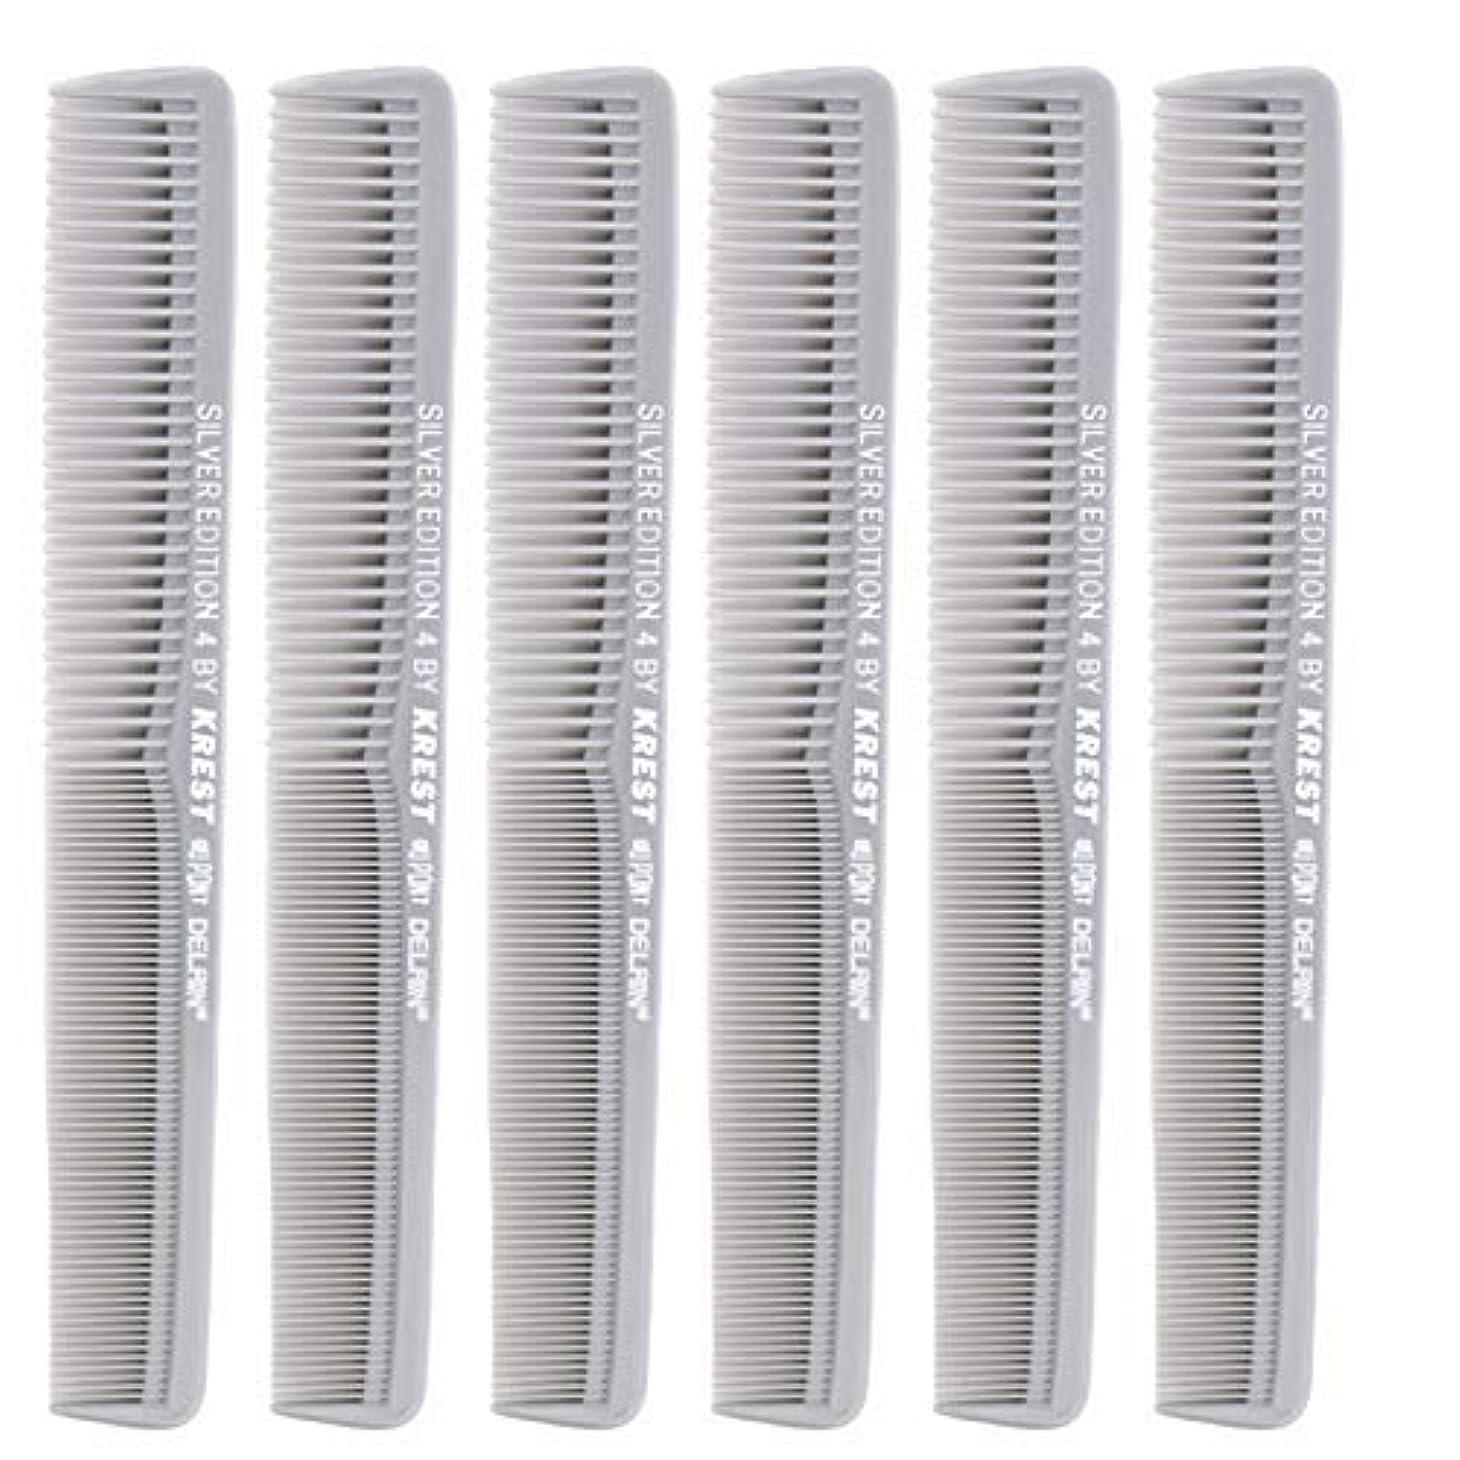 曲上に築きます緑7 In. Silver Edition Heat Resistant All Purpose Hair Comb Model #4 Krest Comb, [並行輸入品]